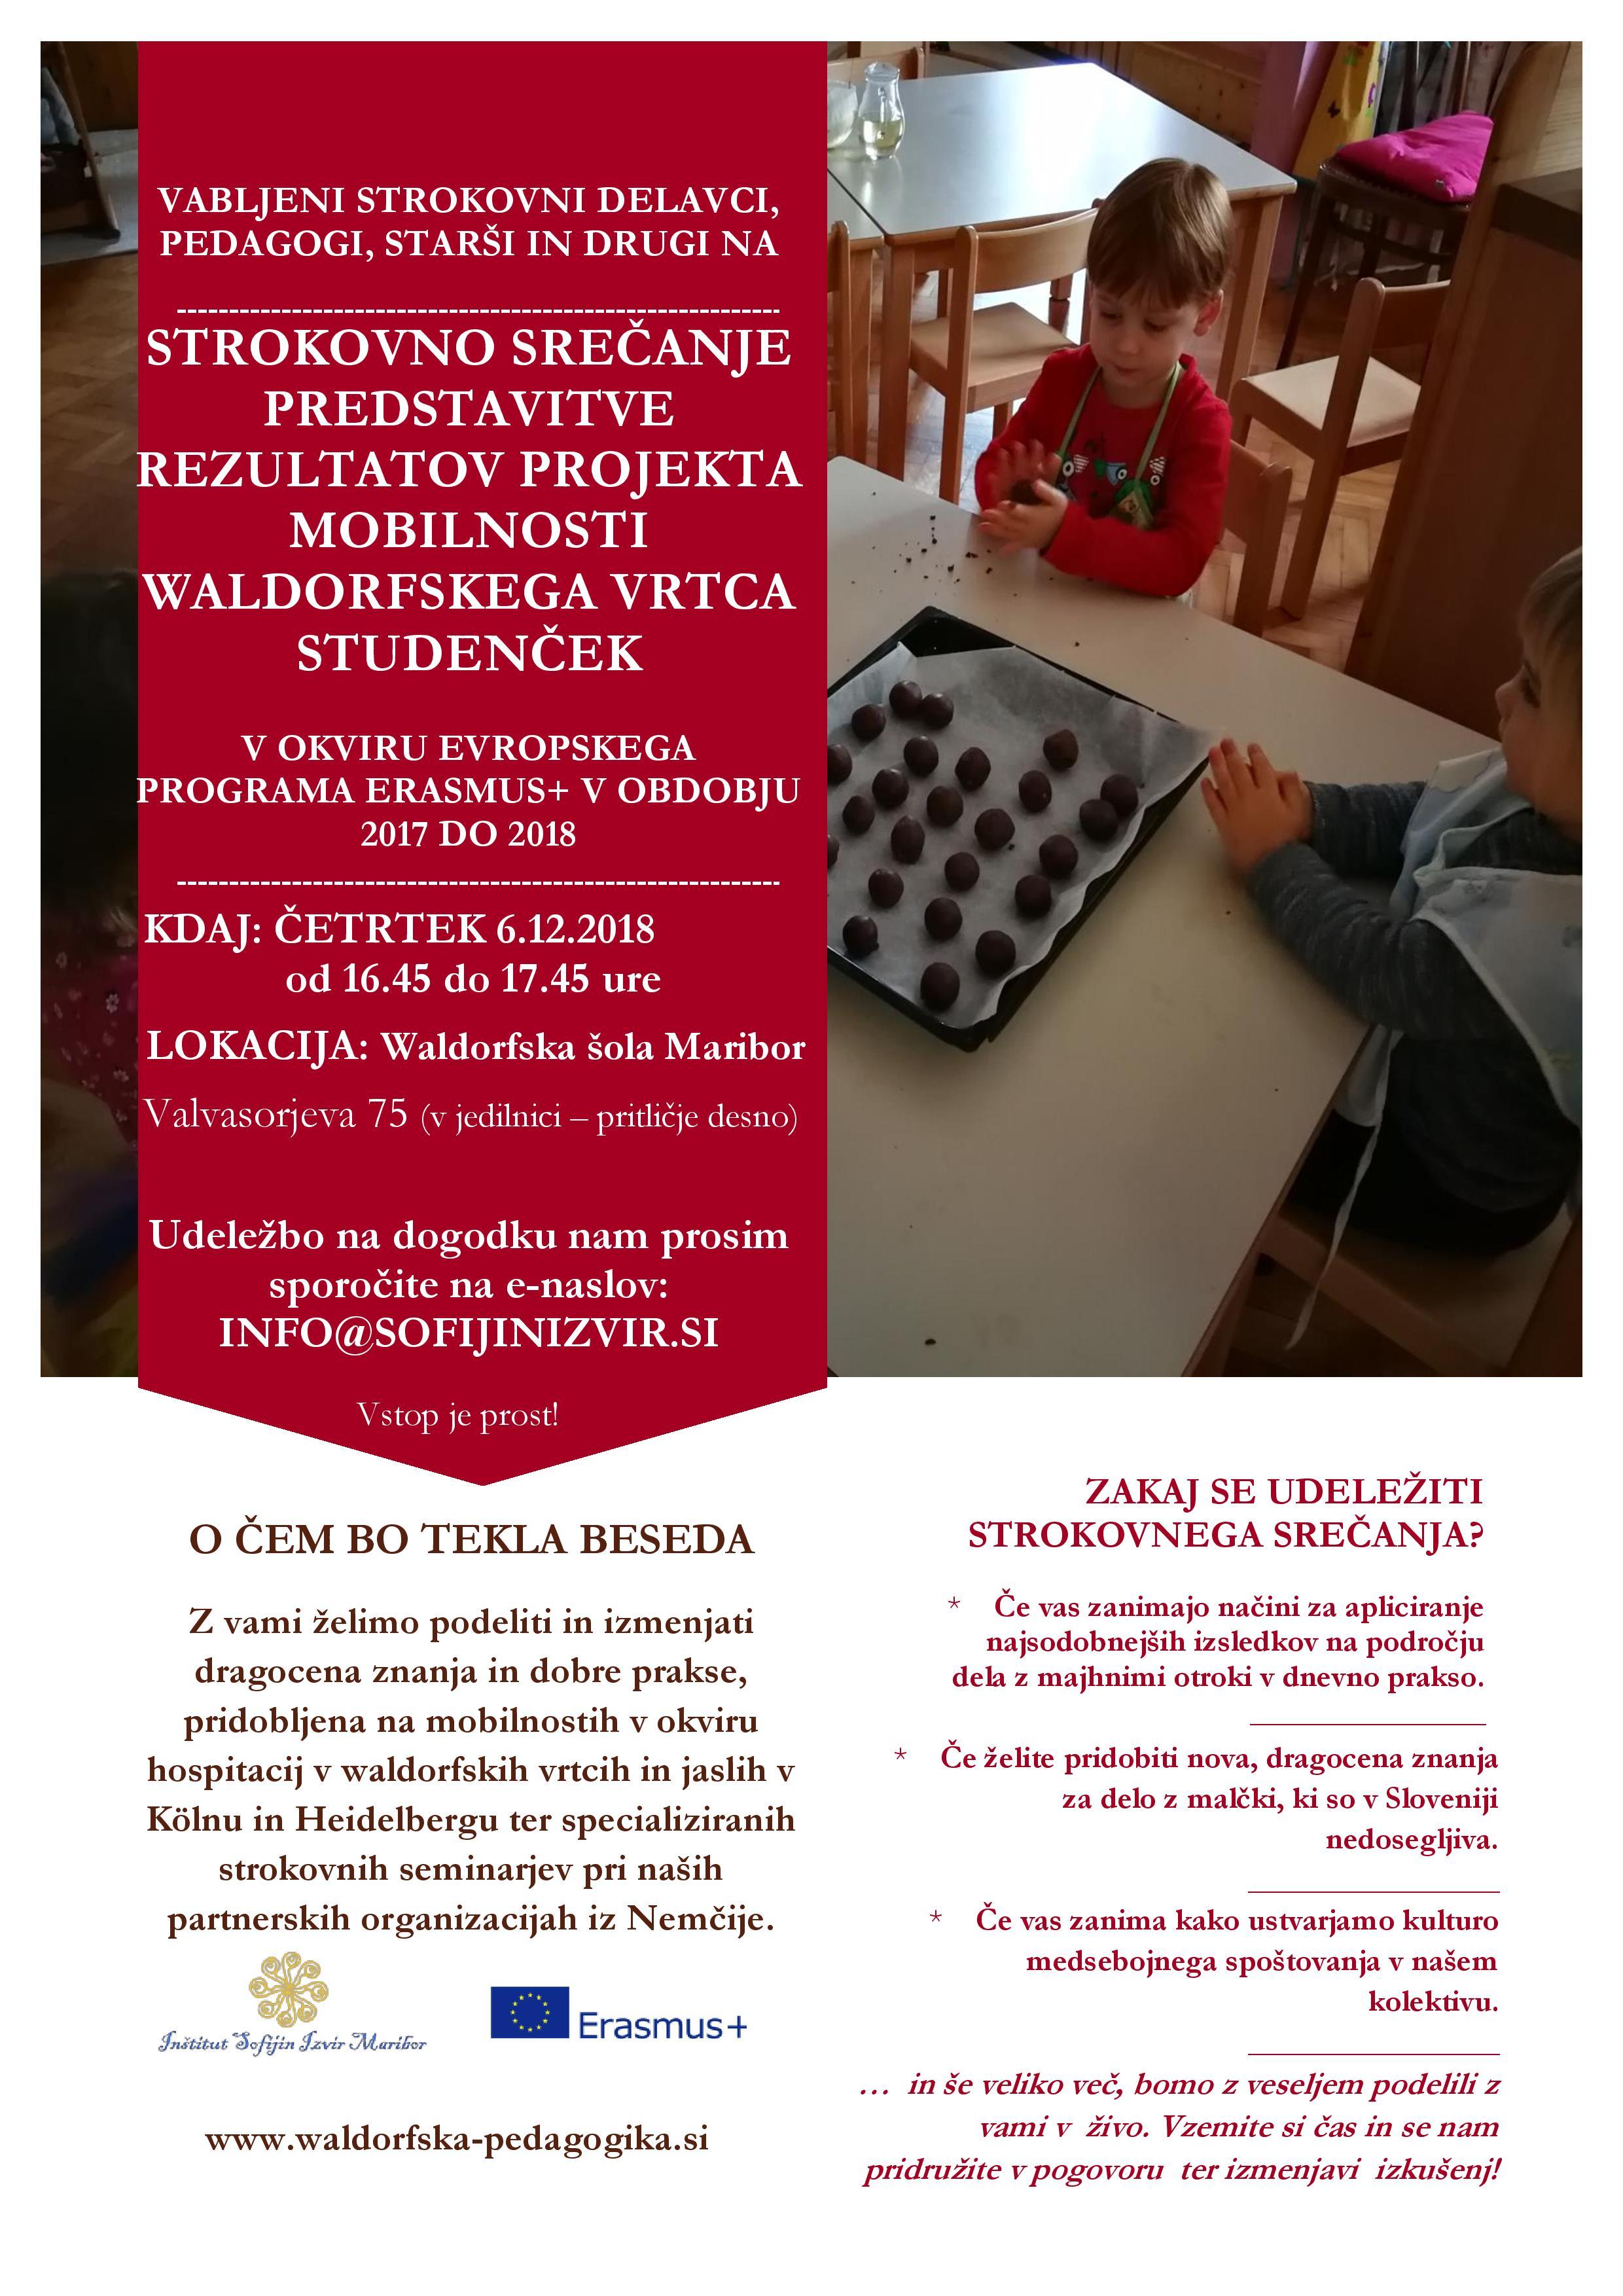 Vabilo_predstavitev_izkusenj_Erasmus